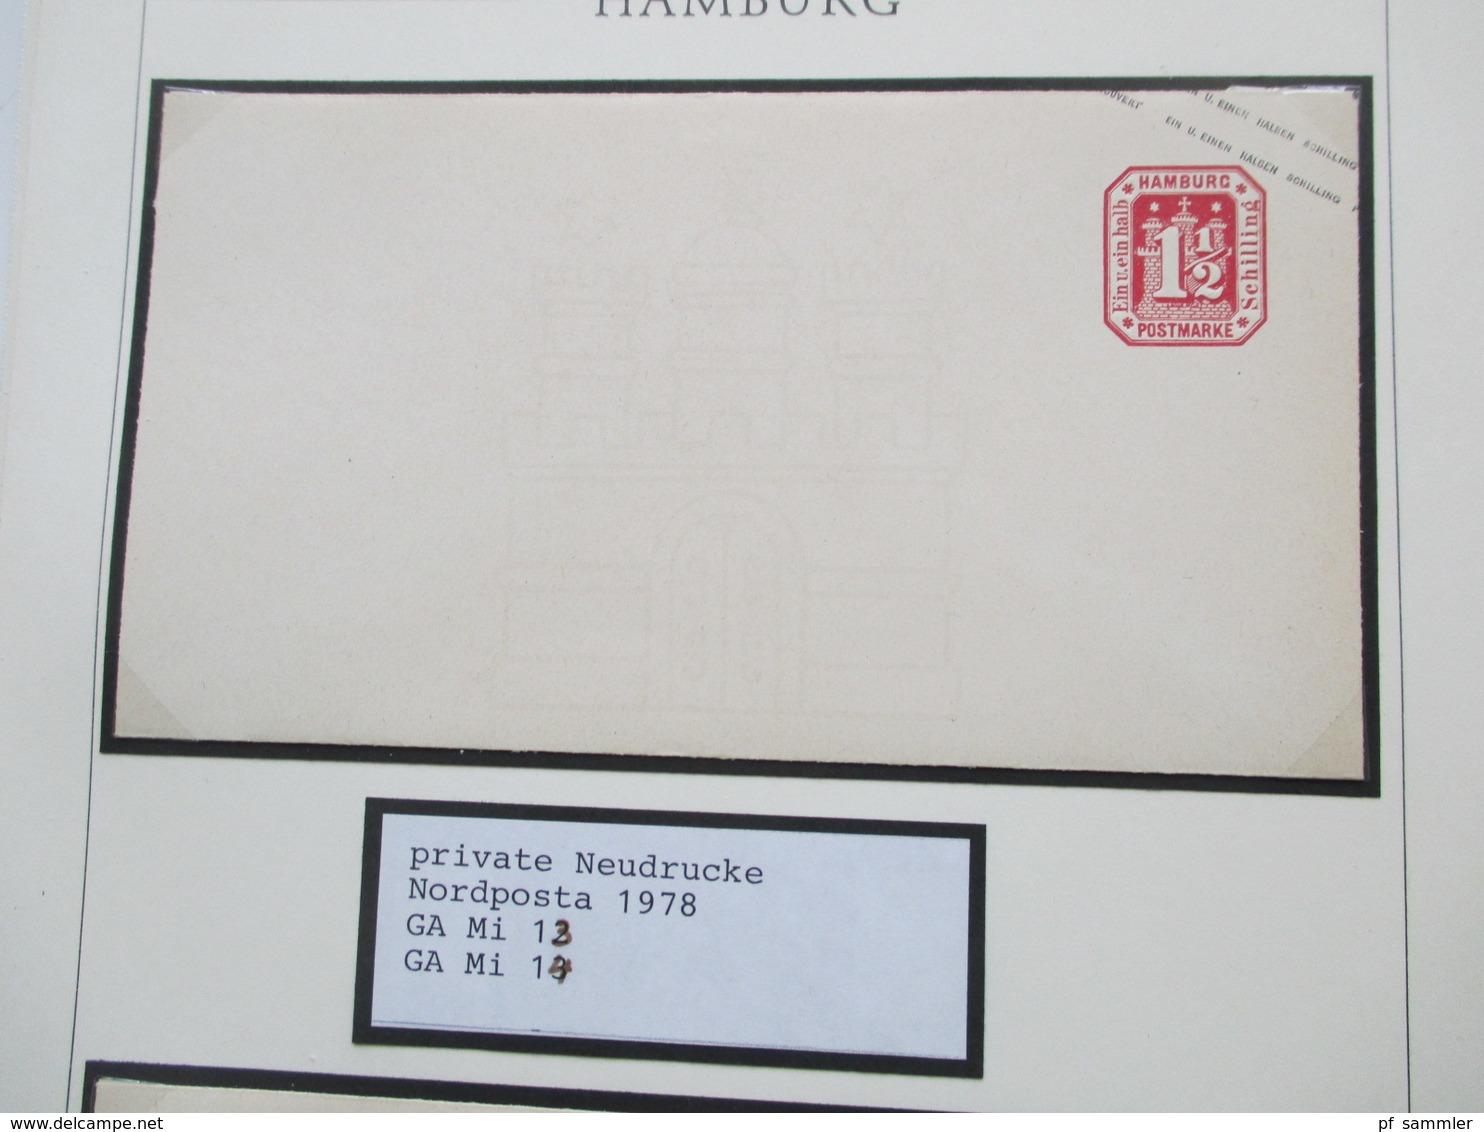 Altdeutschland Konvolut Hamburg Private Neudrucke 1978 Zur Nordposta 2 Blocks Und 7 Ganzsachen Umschläge - Hamburg